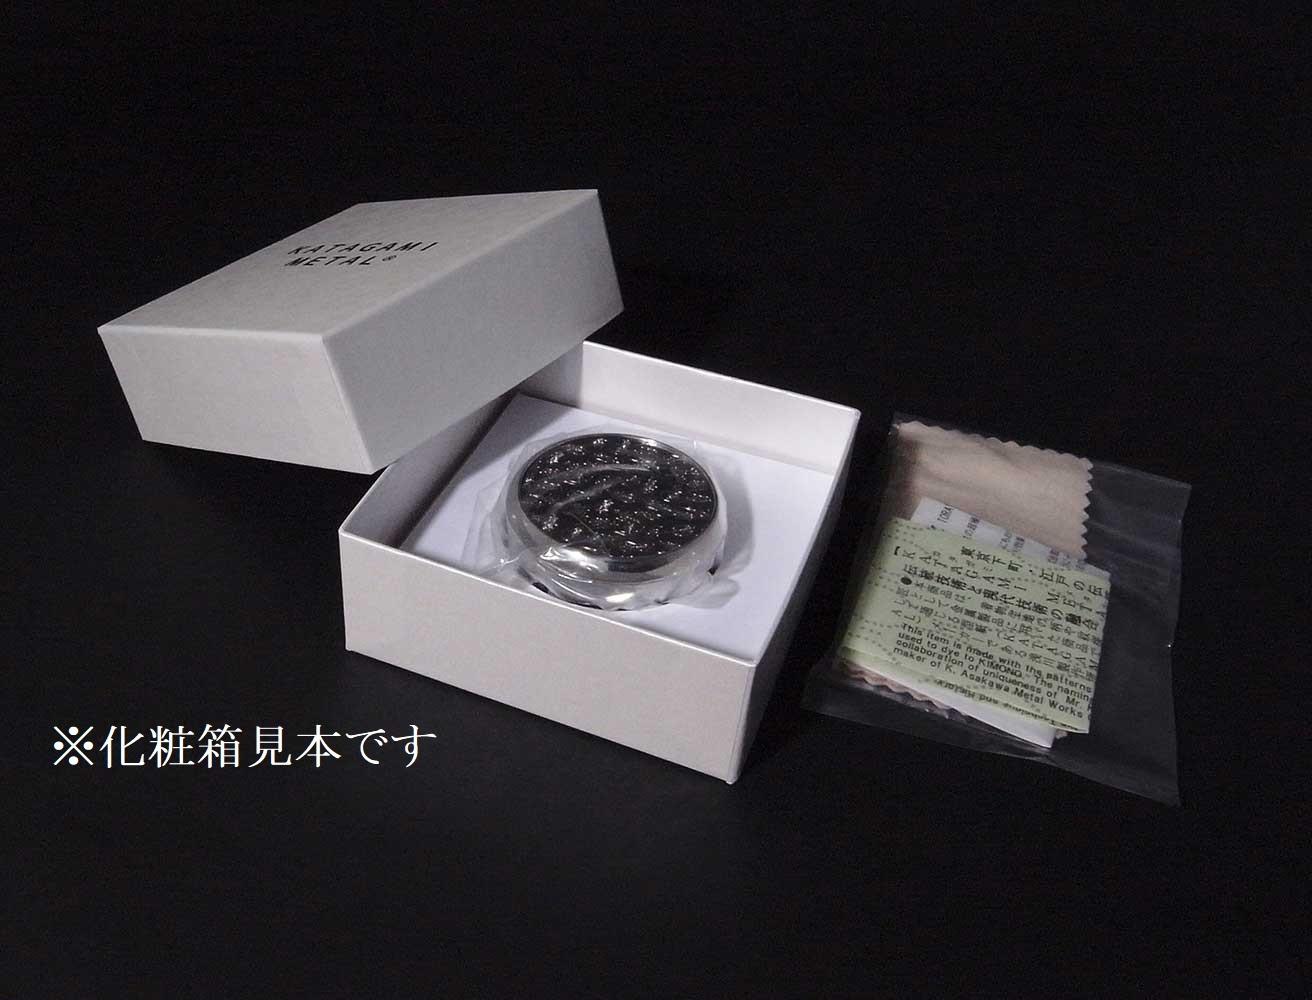 カタガミメタル宝物入れ 赤富士 KA-141/Fuji